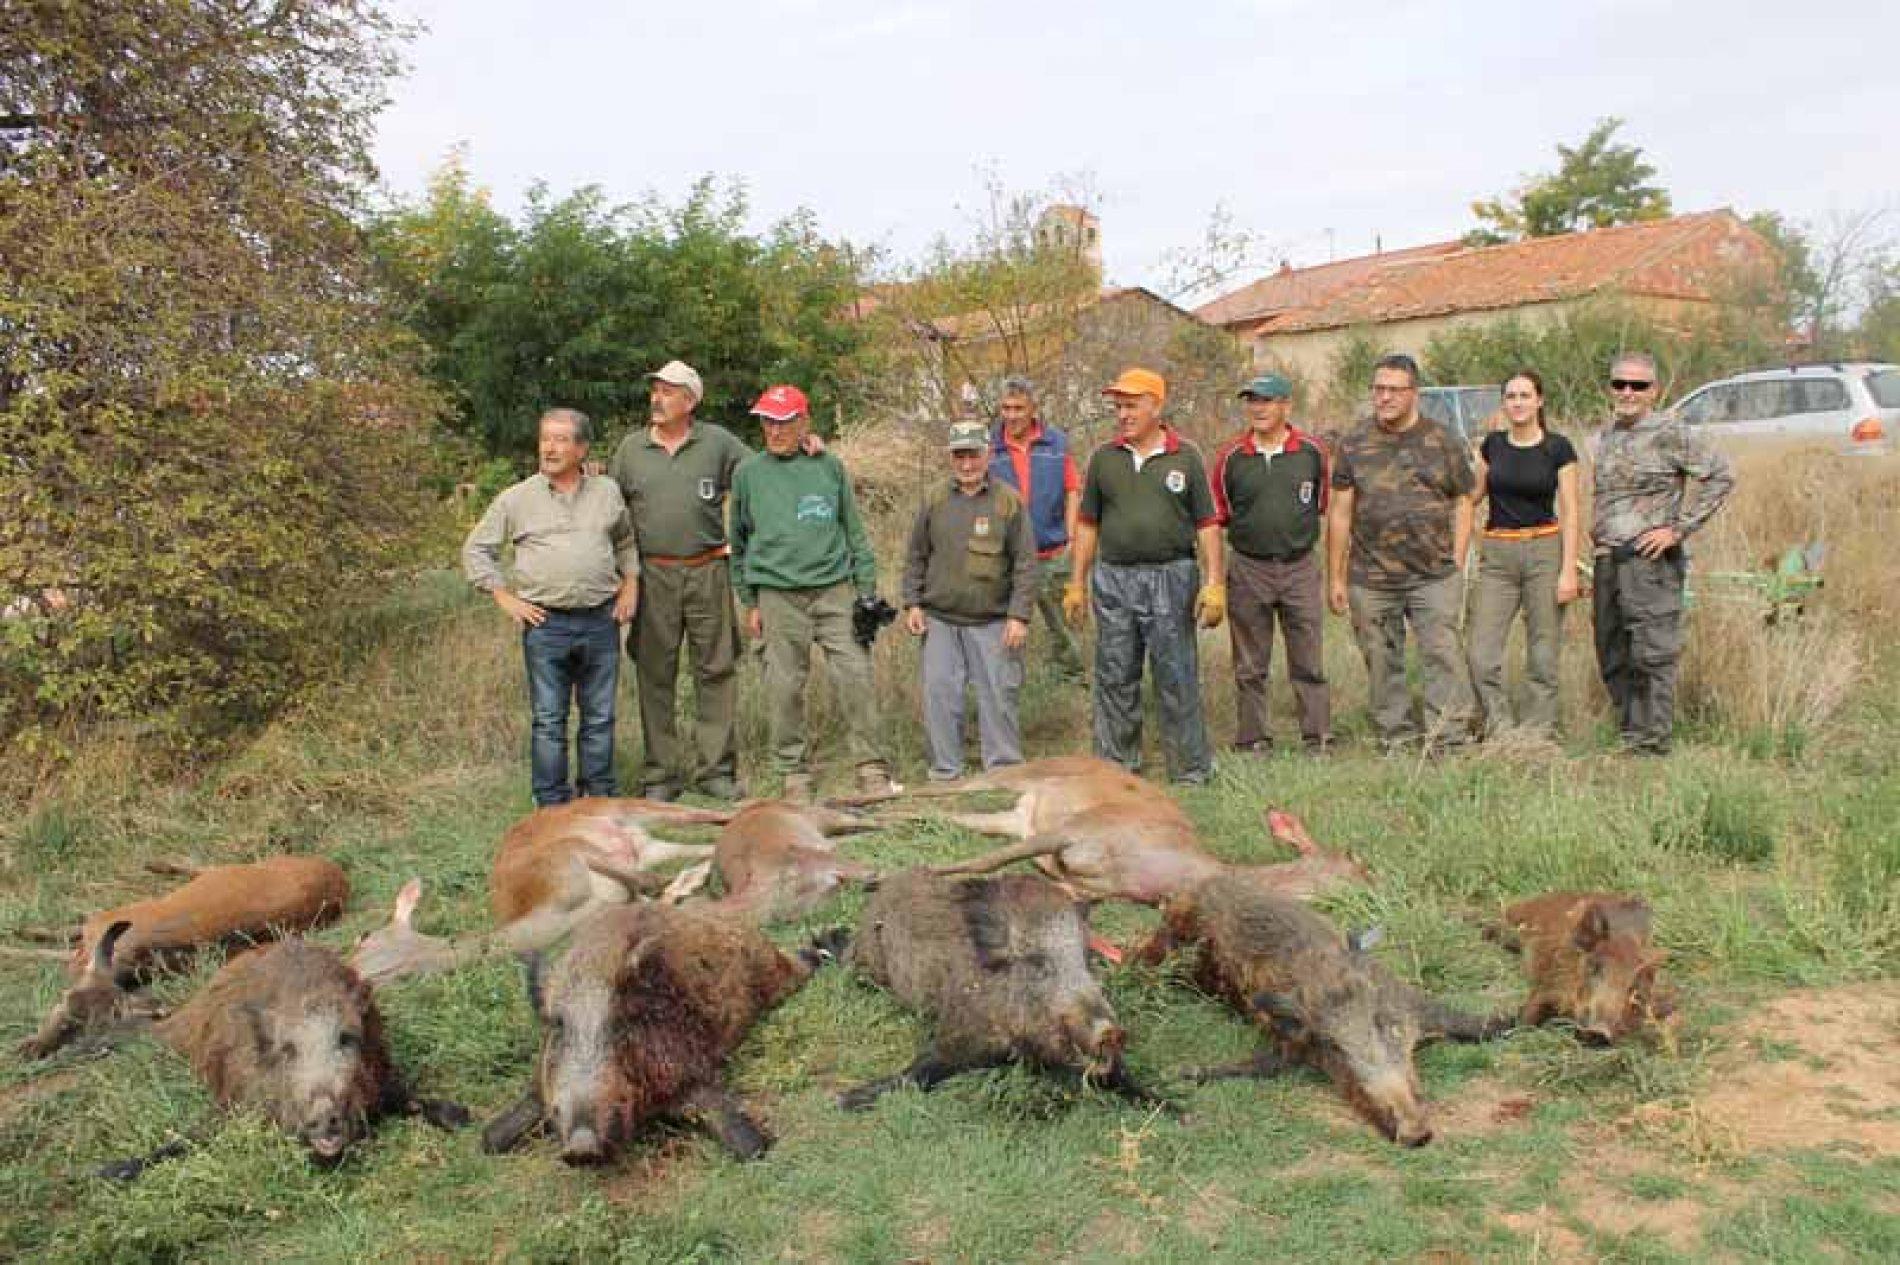 42 disparos para 5 jabalíes en la montería en Valderrueda